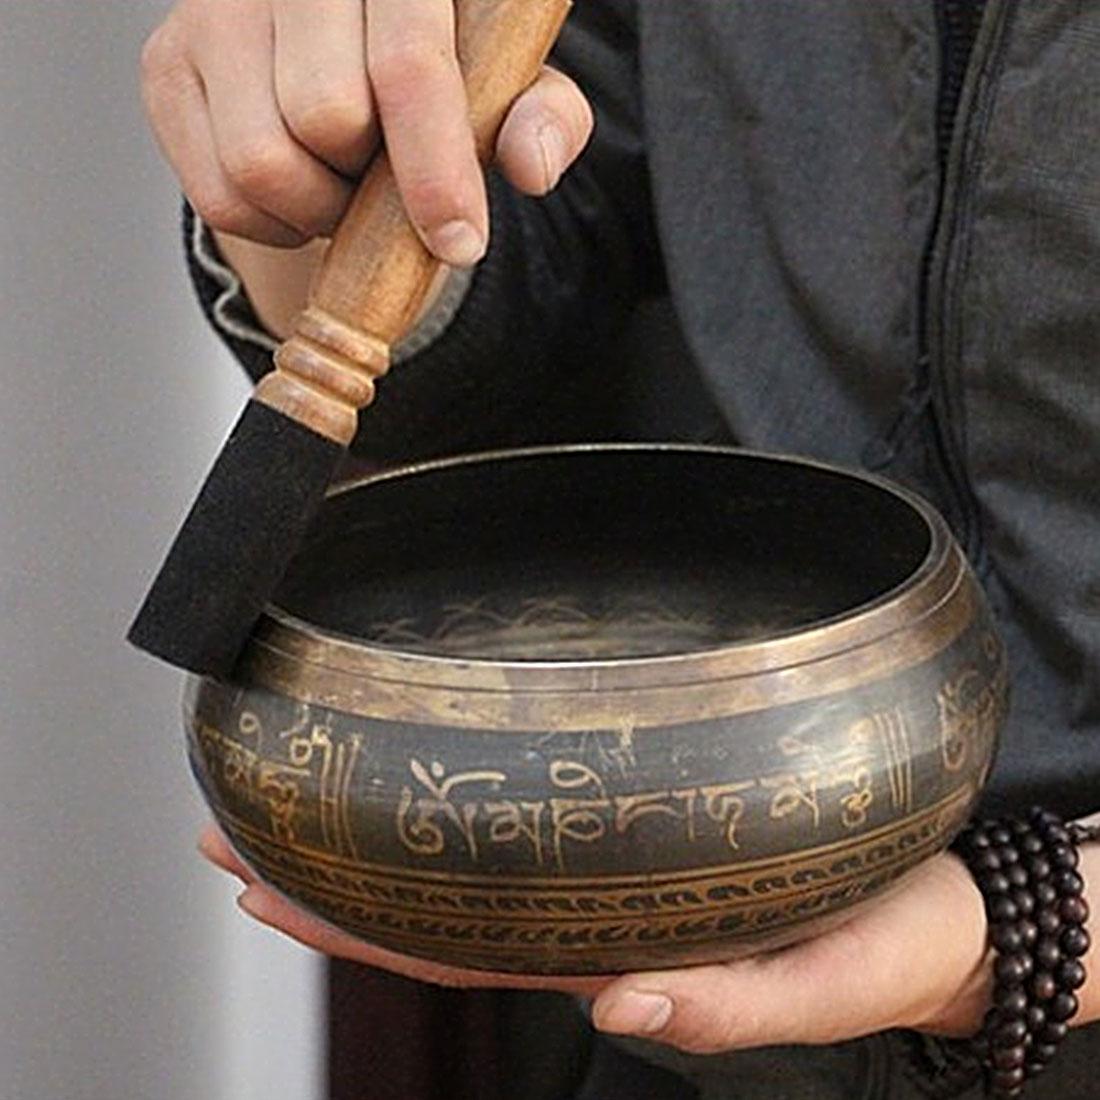 SDR bol tibétain bol chantant décoratif-mur-plats décoration de la maison plats muraux décoratifs bol chantant tibétain